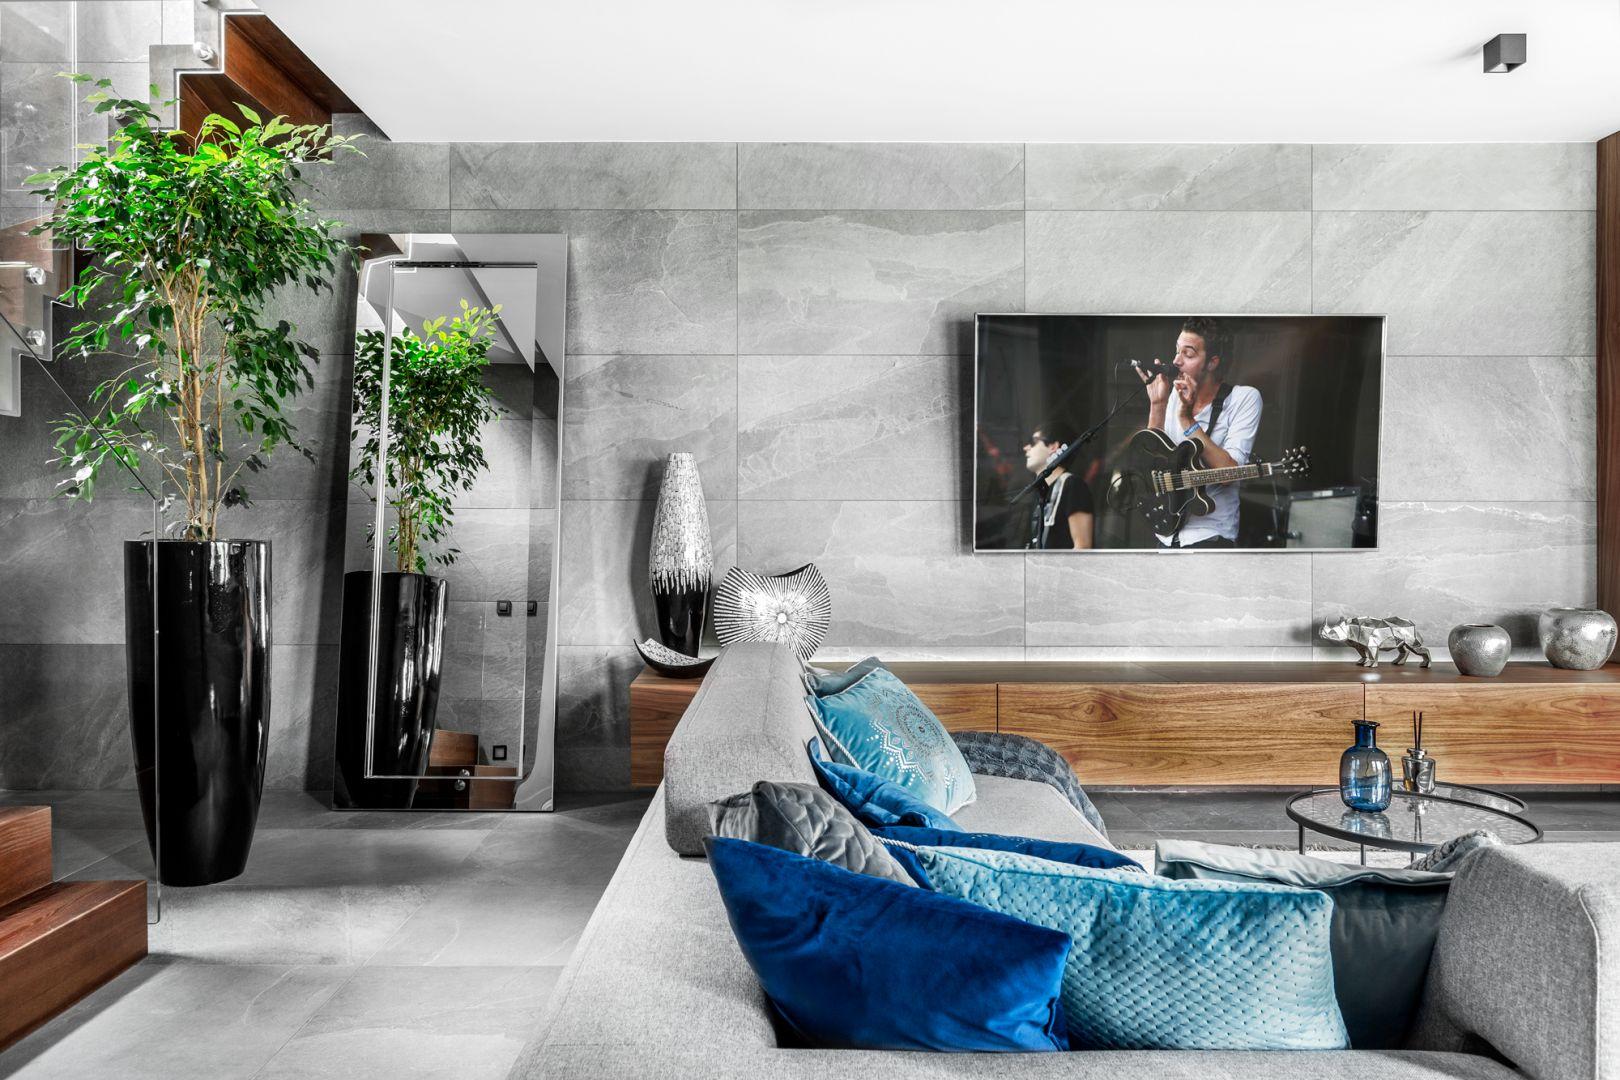 Ścianę za telewizorem zdobią szare płytki ceramiczne. Projekt Agnieszka Morawiec. Fot. Dekorialove